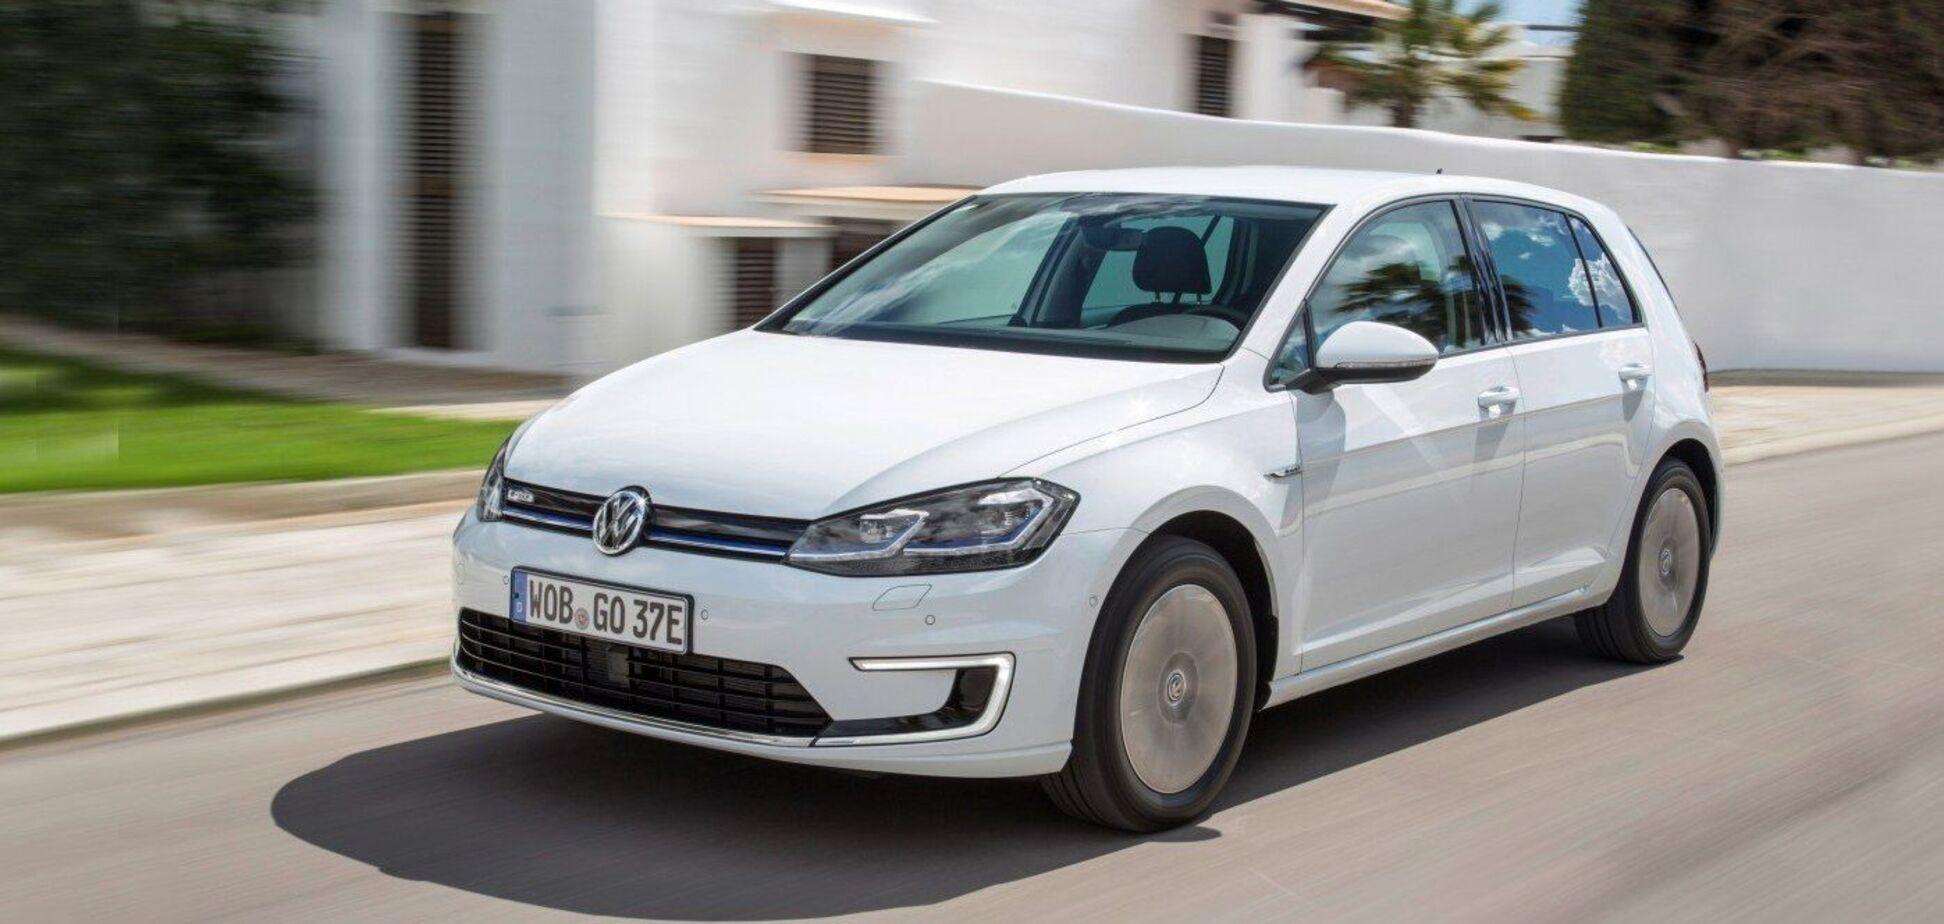 Дизельный VW Golf оказался экономнее электрического 'Гольфа'